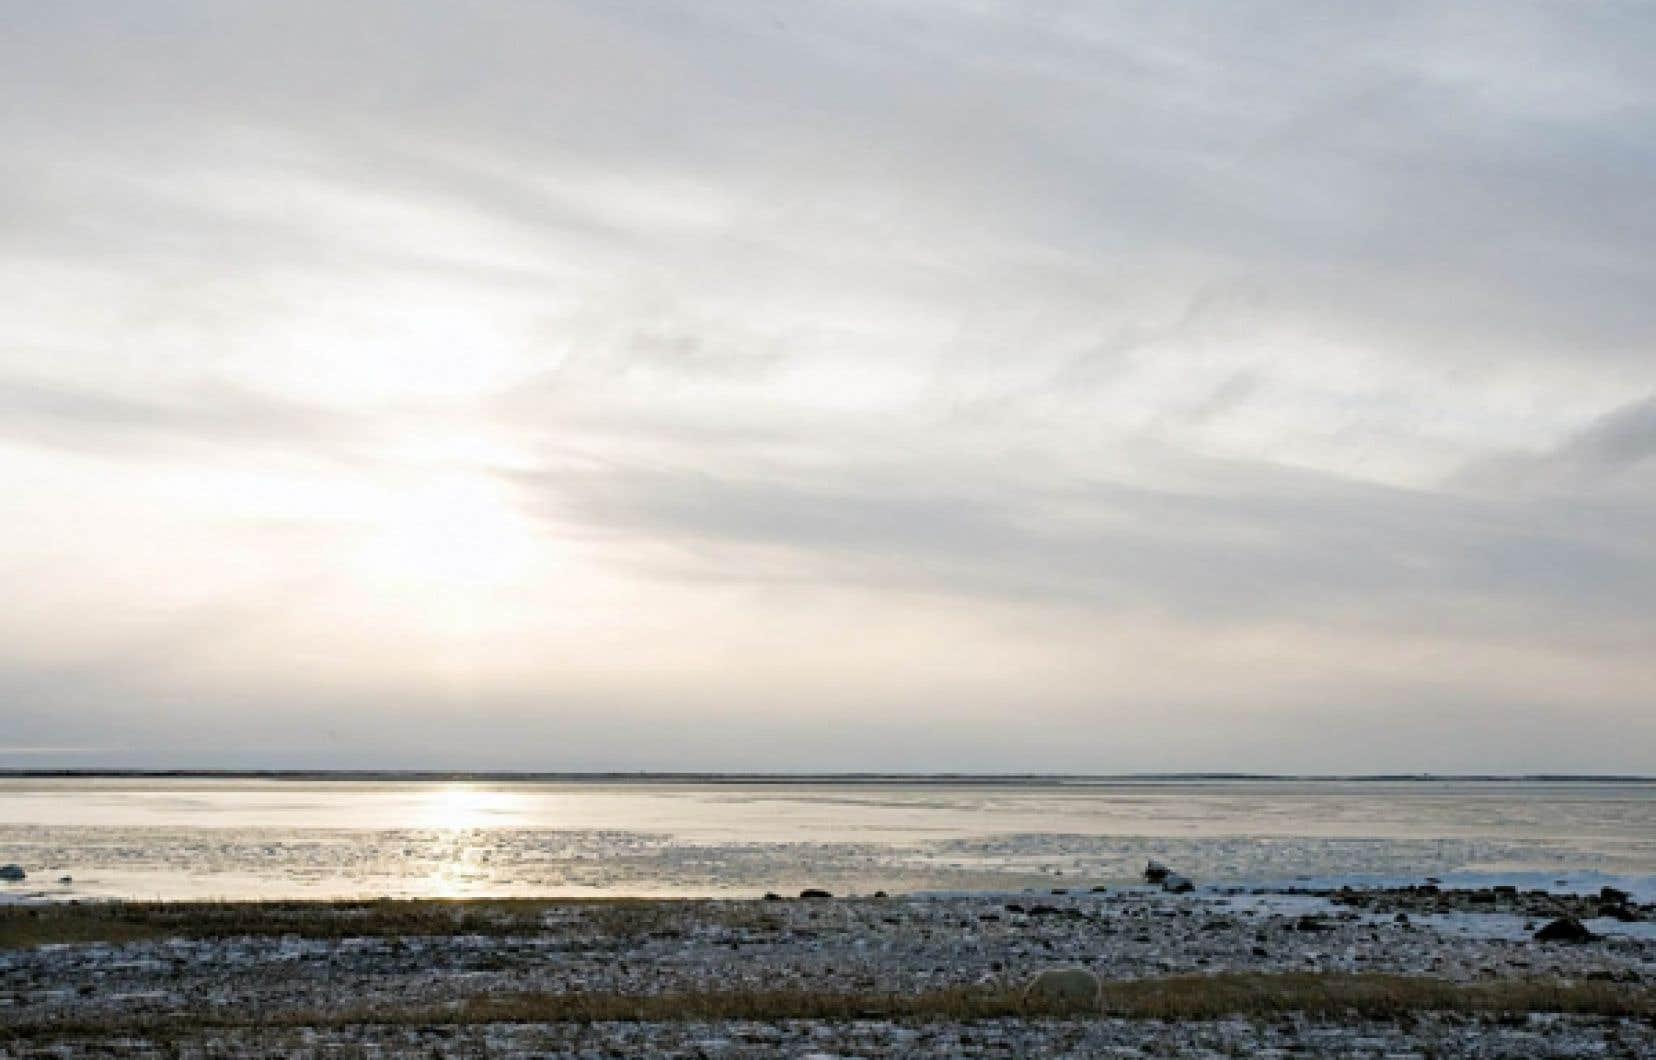 Selon le g&eacute;ographe Henri Dorion, de la baie James &agrave; la baie d&rsquo;Ungava, &laquo;&agrave; mar&eacute;e haute, on est au Qu&eacute;bec. Et &agrave; mar&eacute;e basse, on en sort!&raquo;<br />